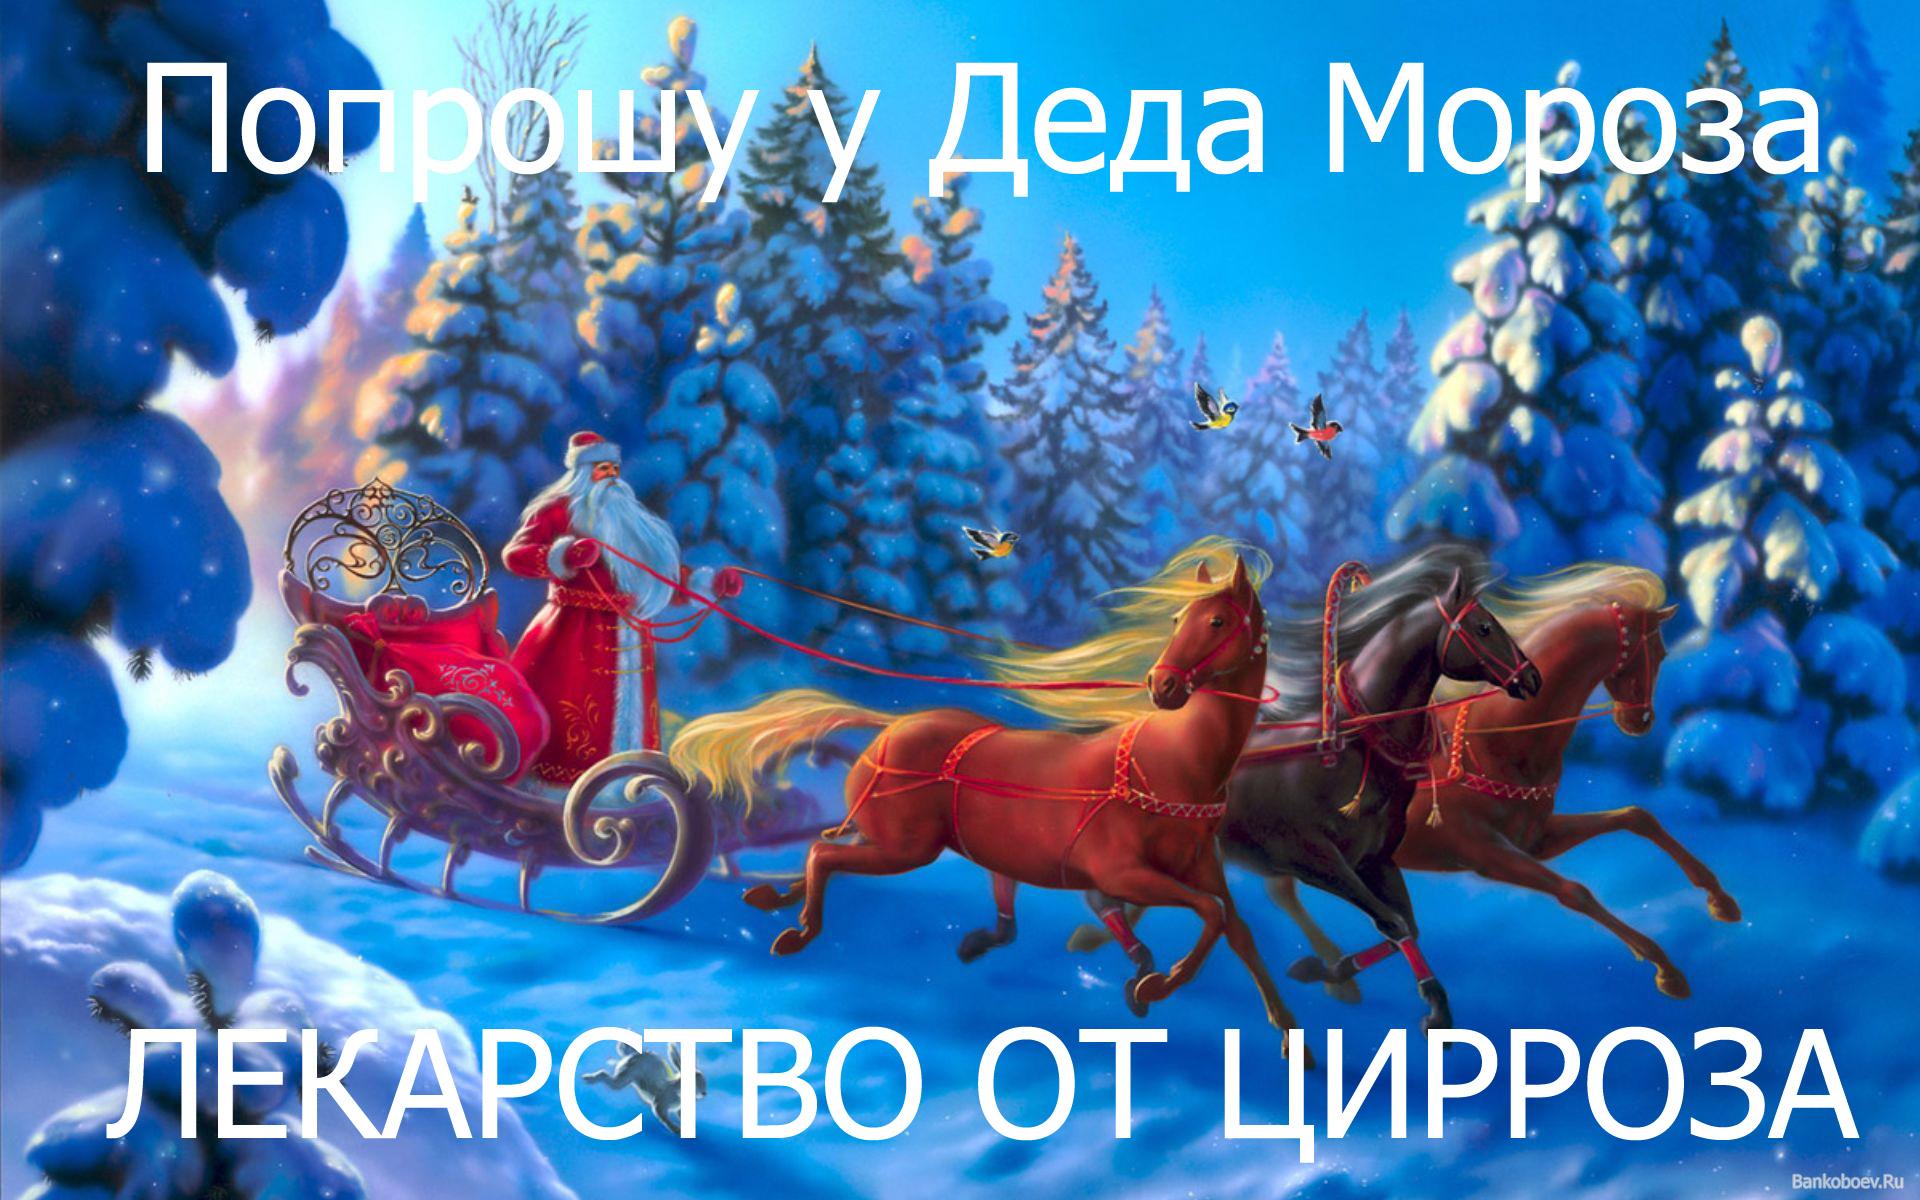 Bankoboev.Ru_ded_moroz_na_rezvoi_troike